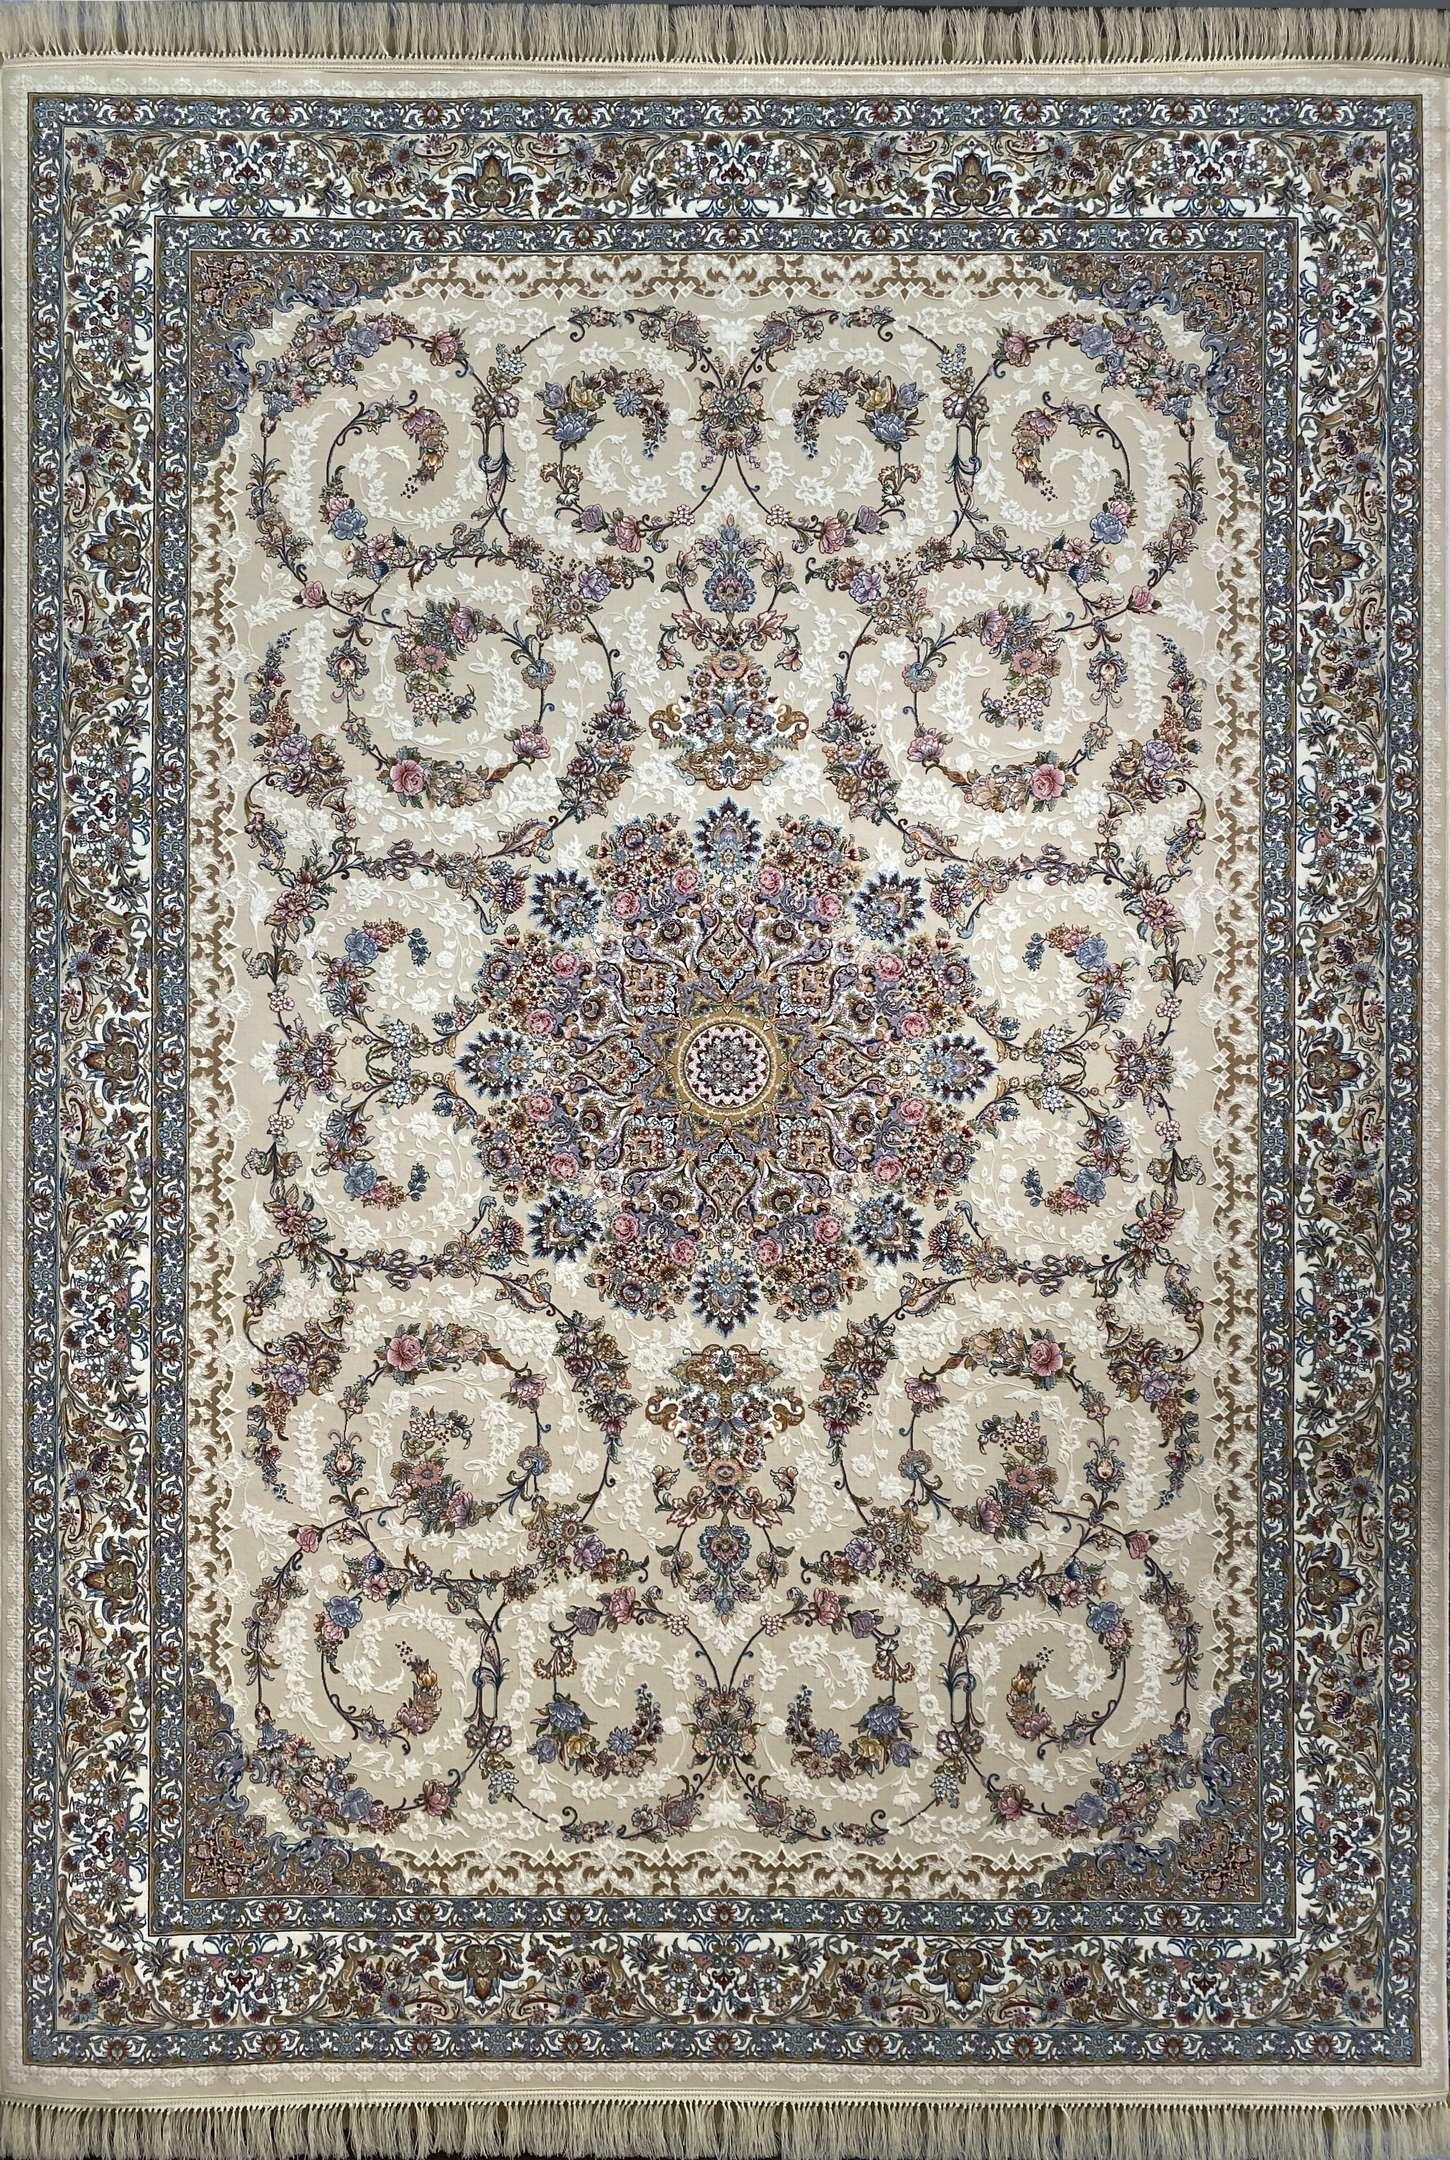 فرش کاشان -نقشه باغ حرير 1000 شانه کرم گلبرجسته